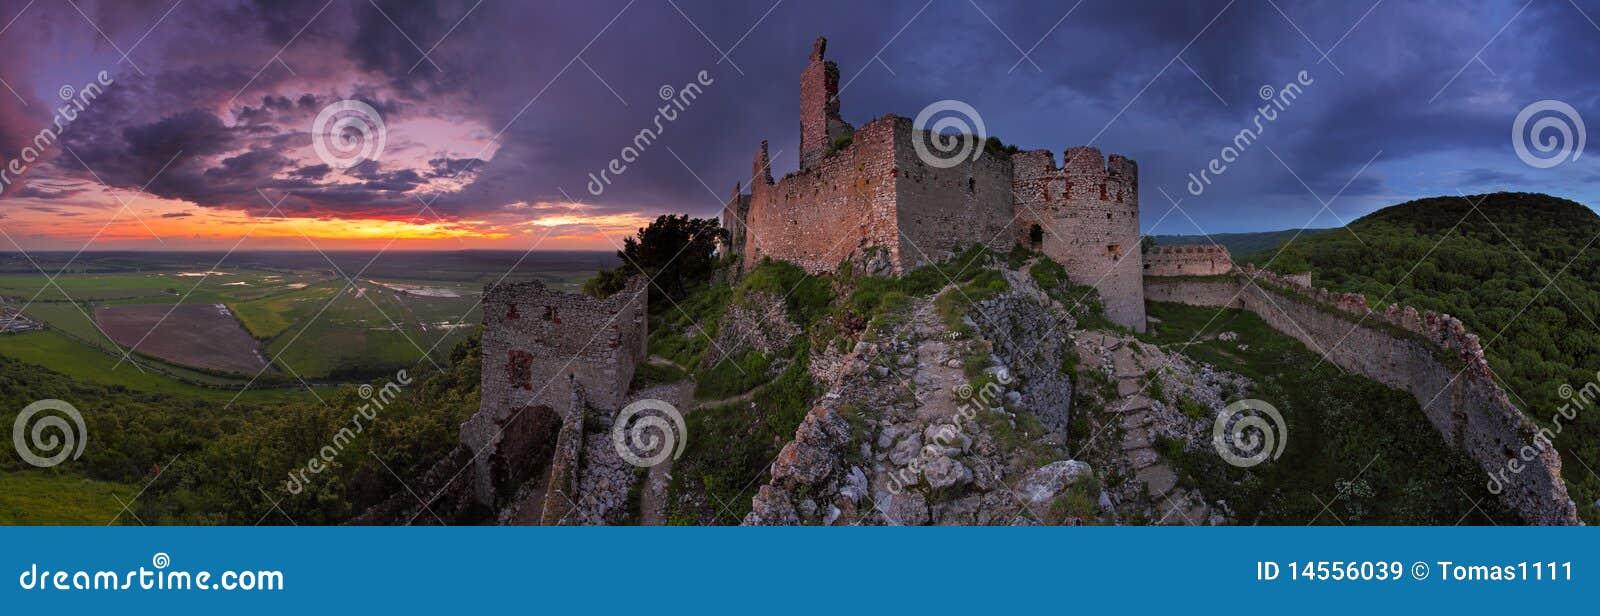 Château hanté - vue panoramique